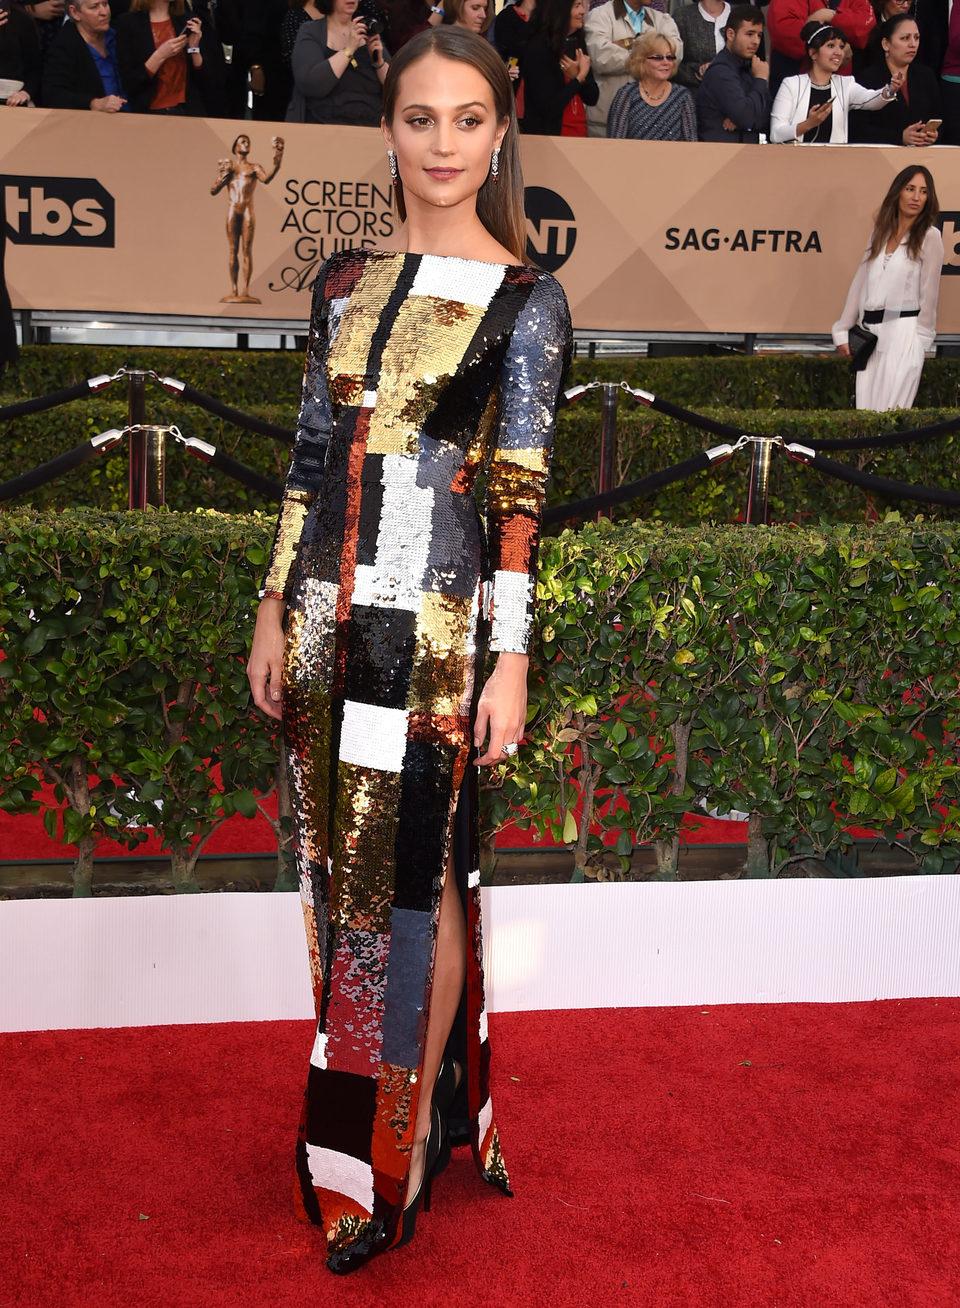 Alicia Vikander at the SAG Awards 2016 red carpet